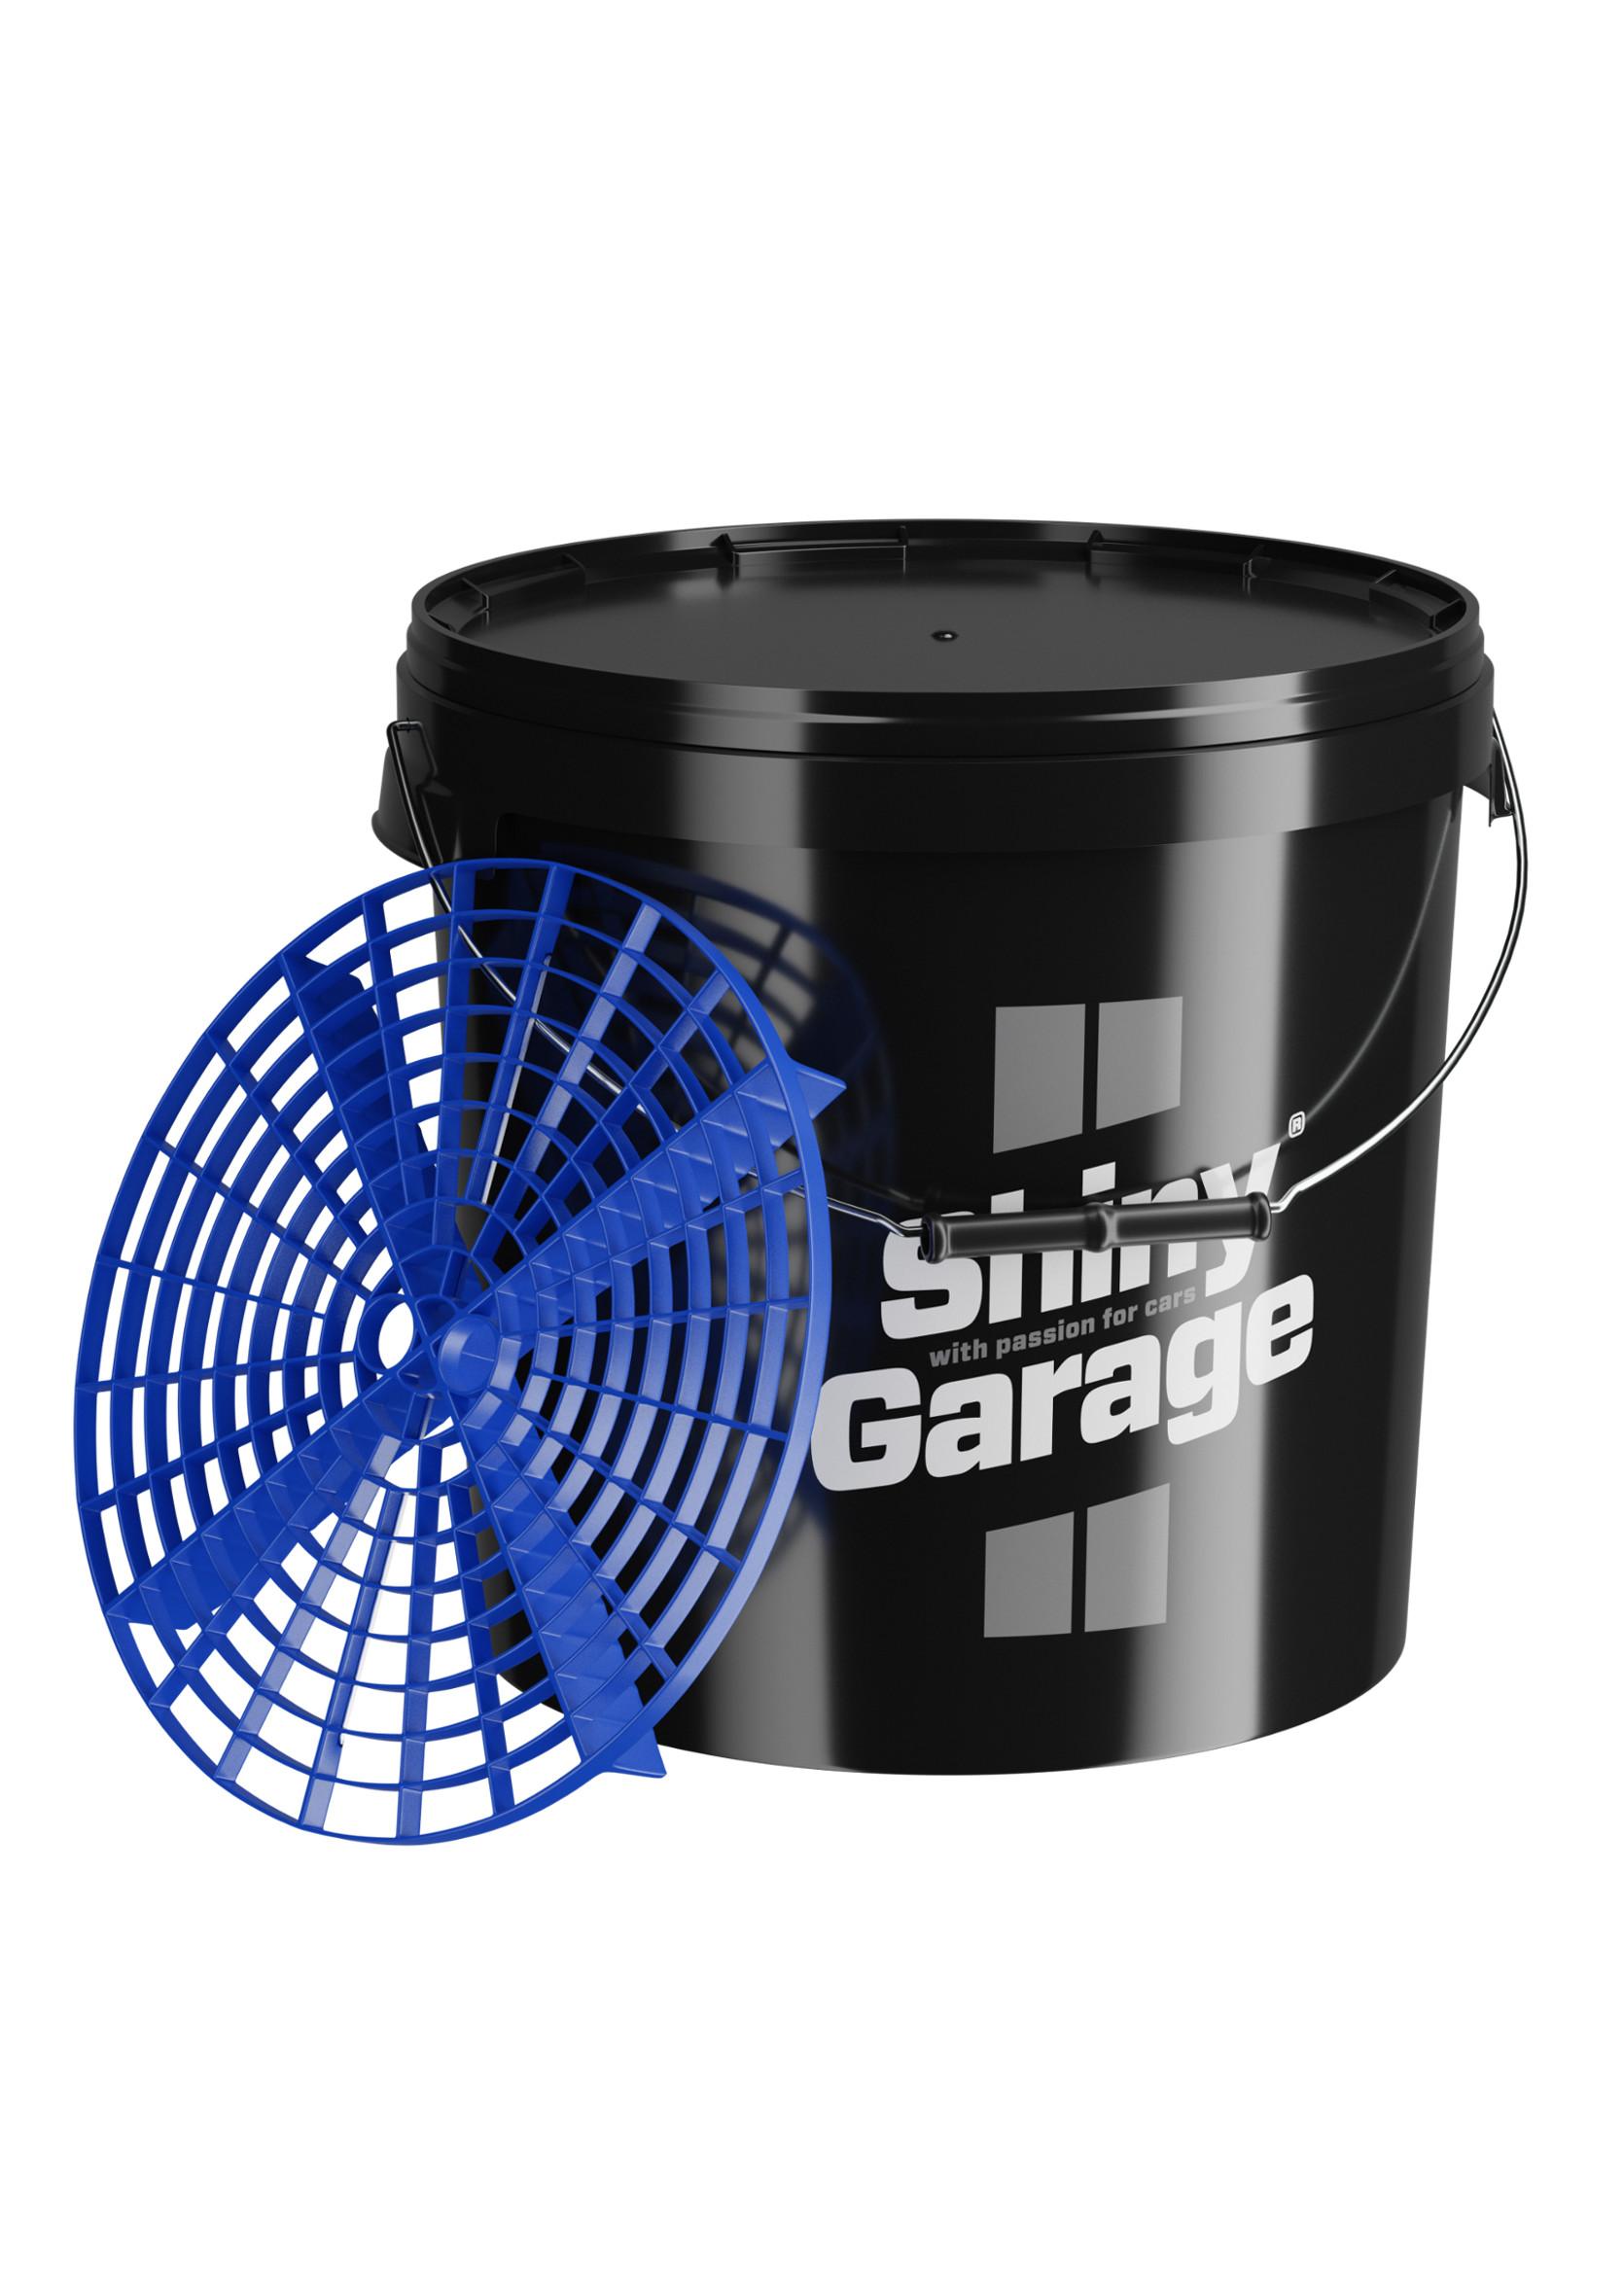 Shiny Garage Wiadro 20L z Separatorem Czarne